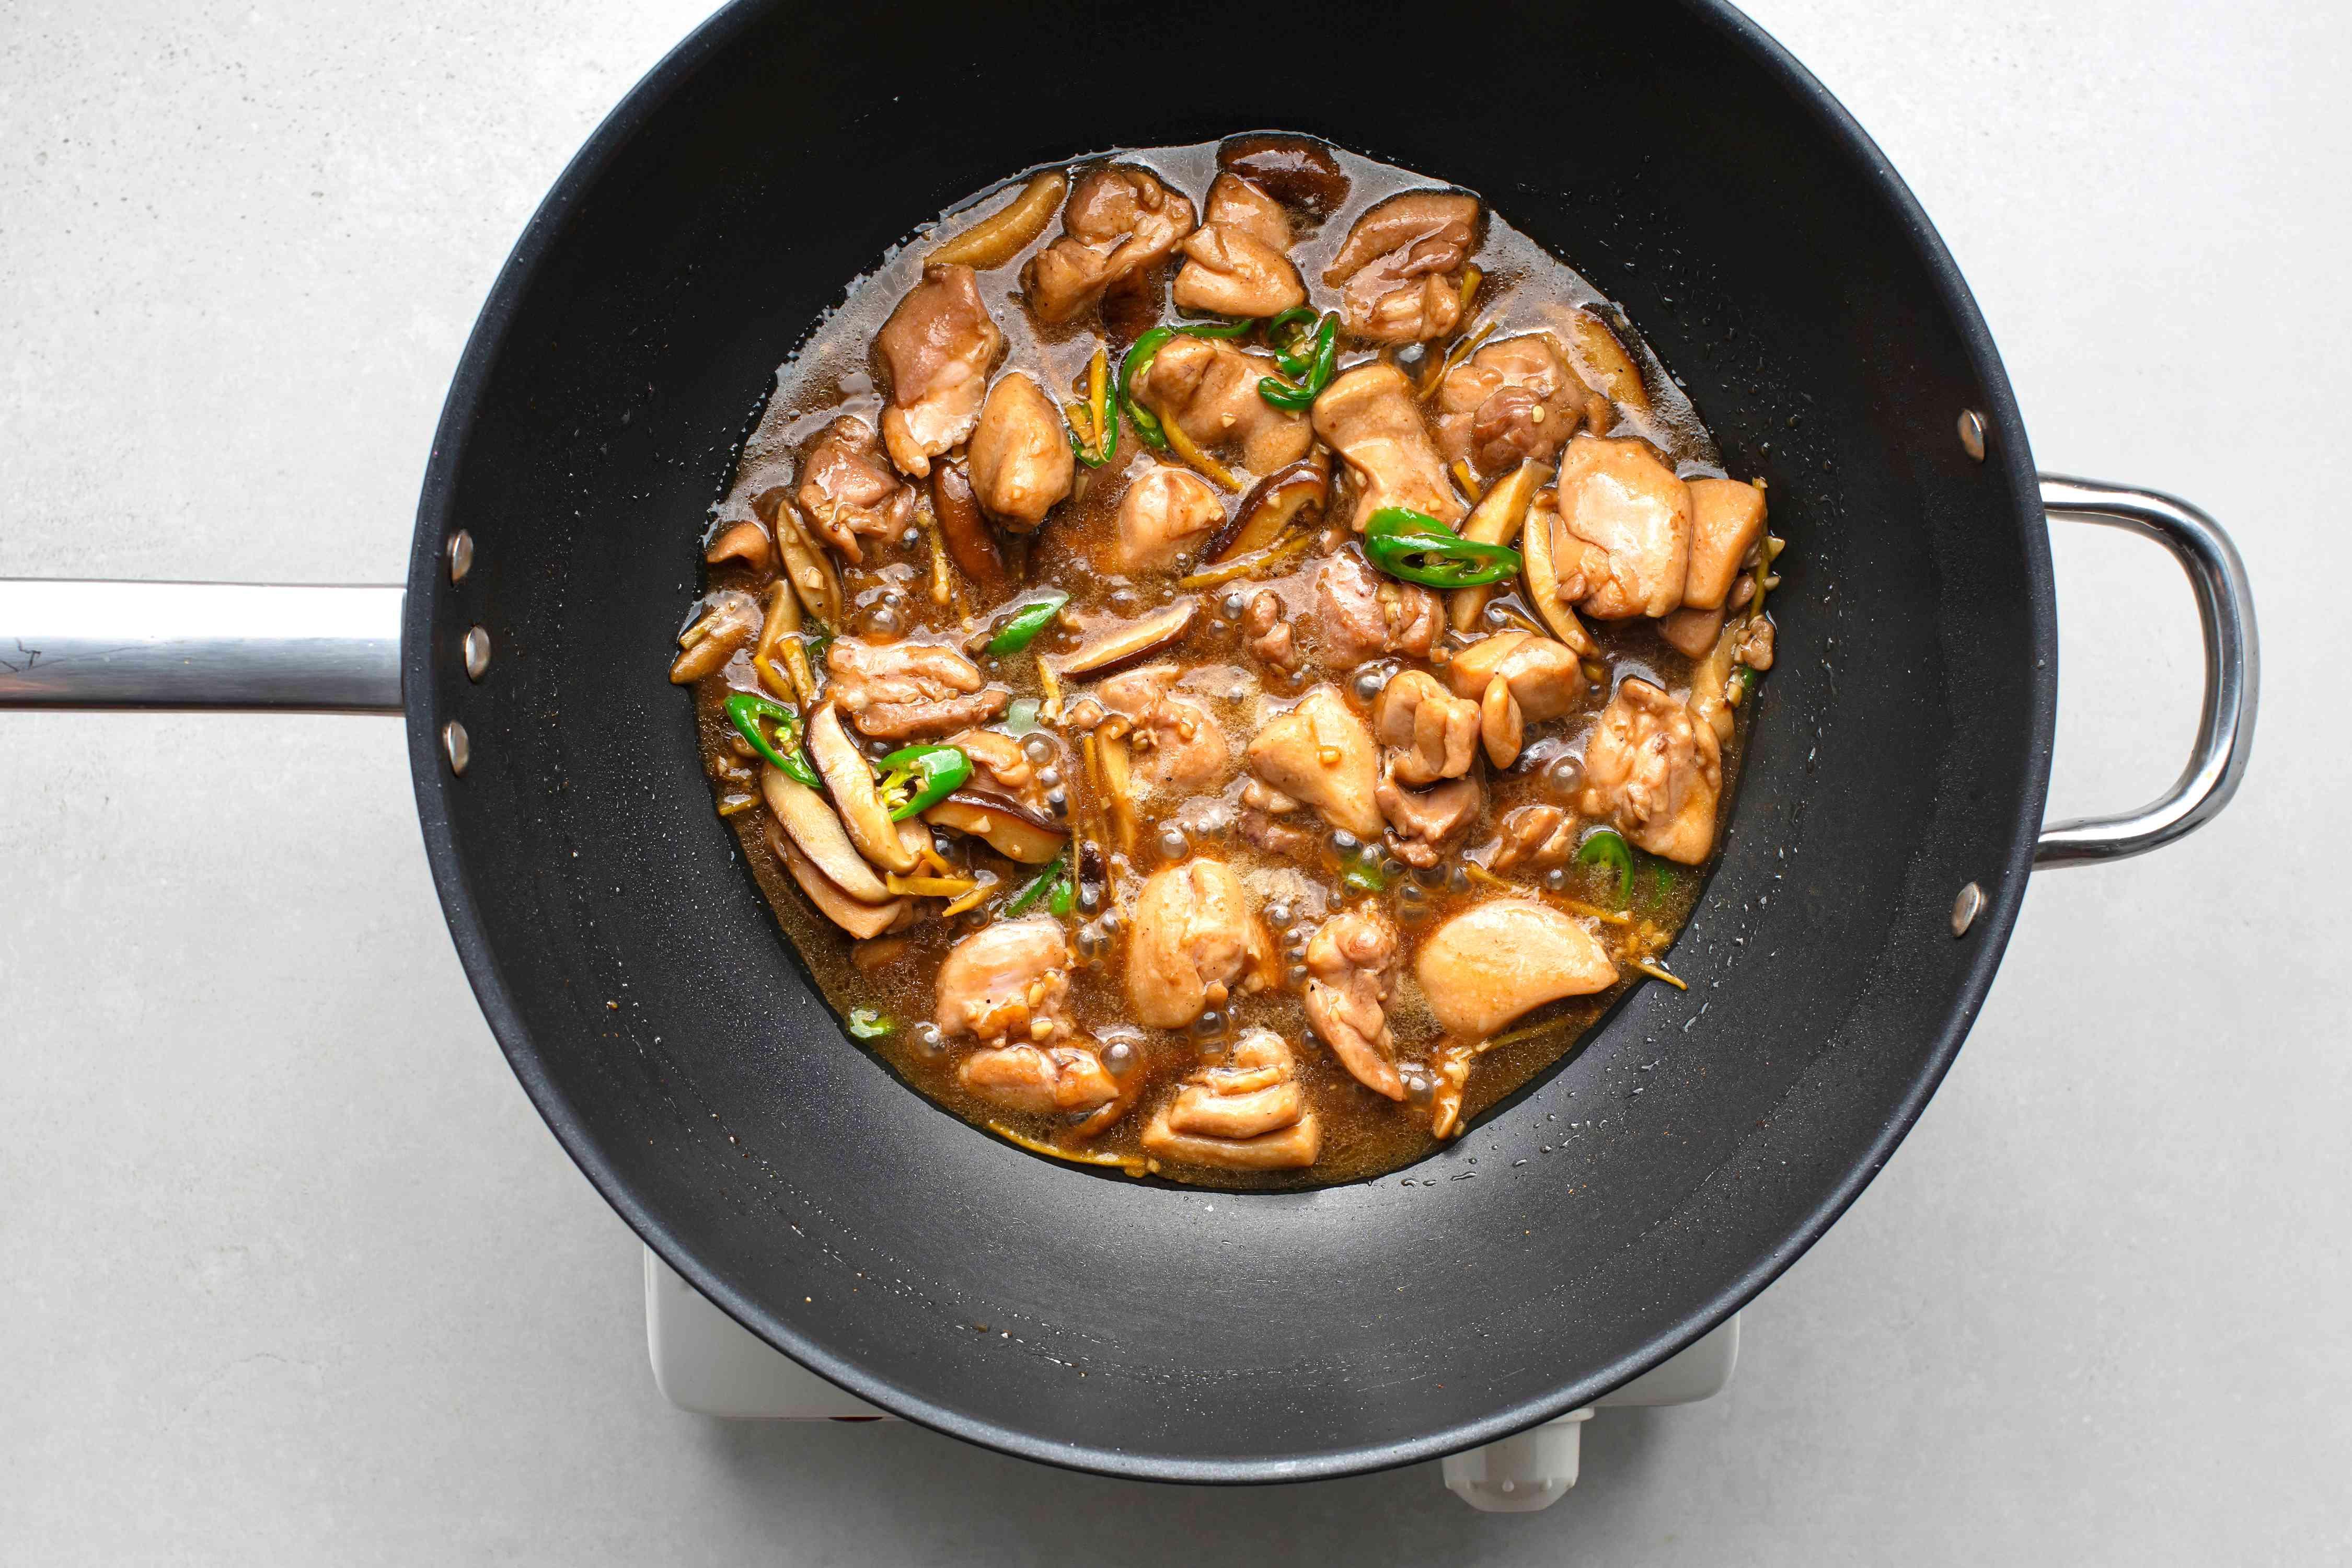 Thai tamarind chicken stir-fry cooking in a wok